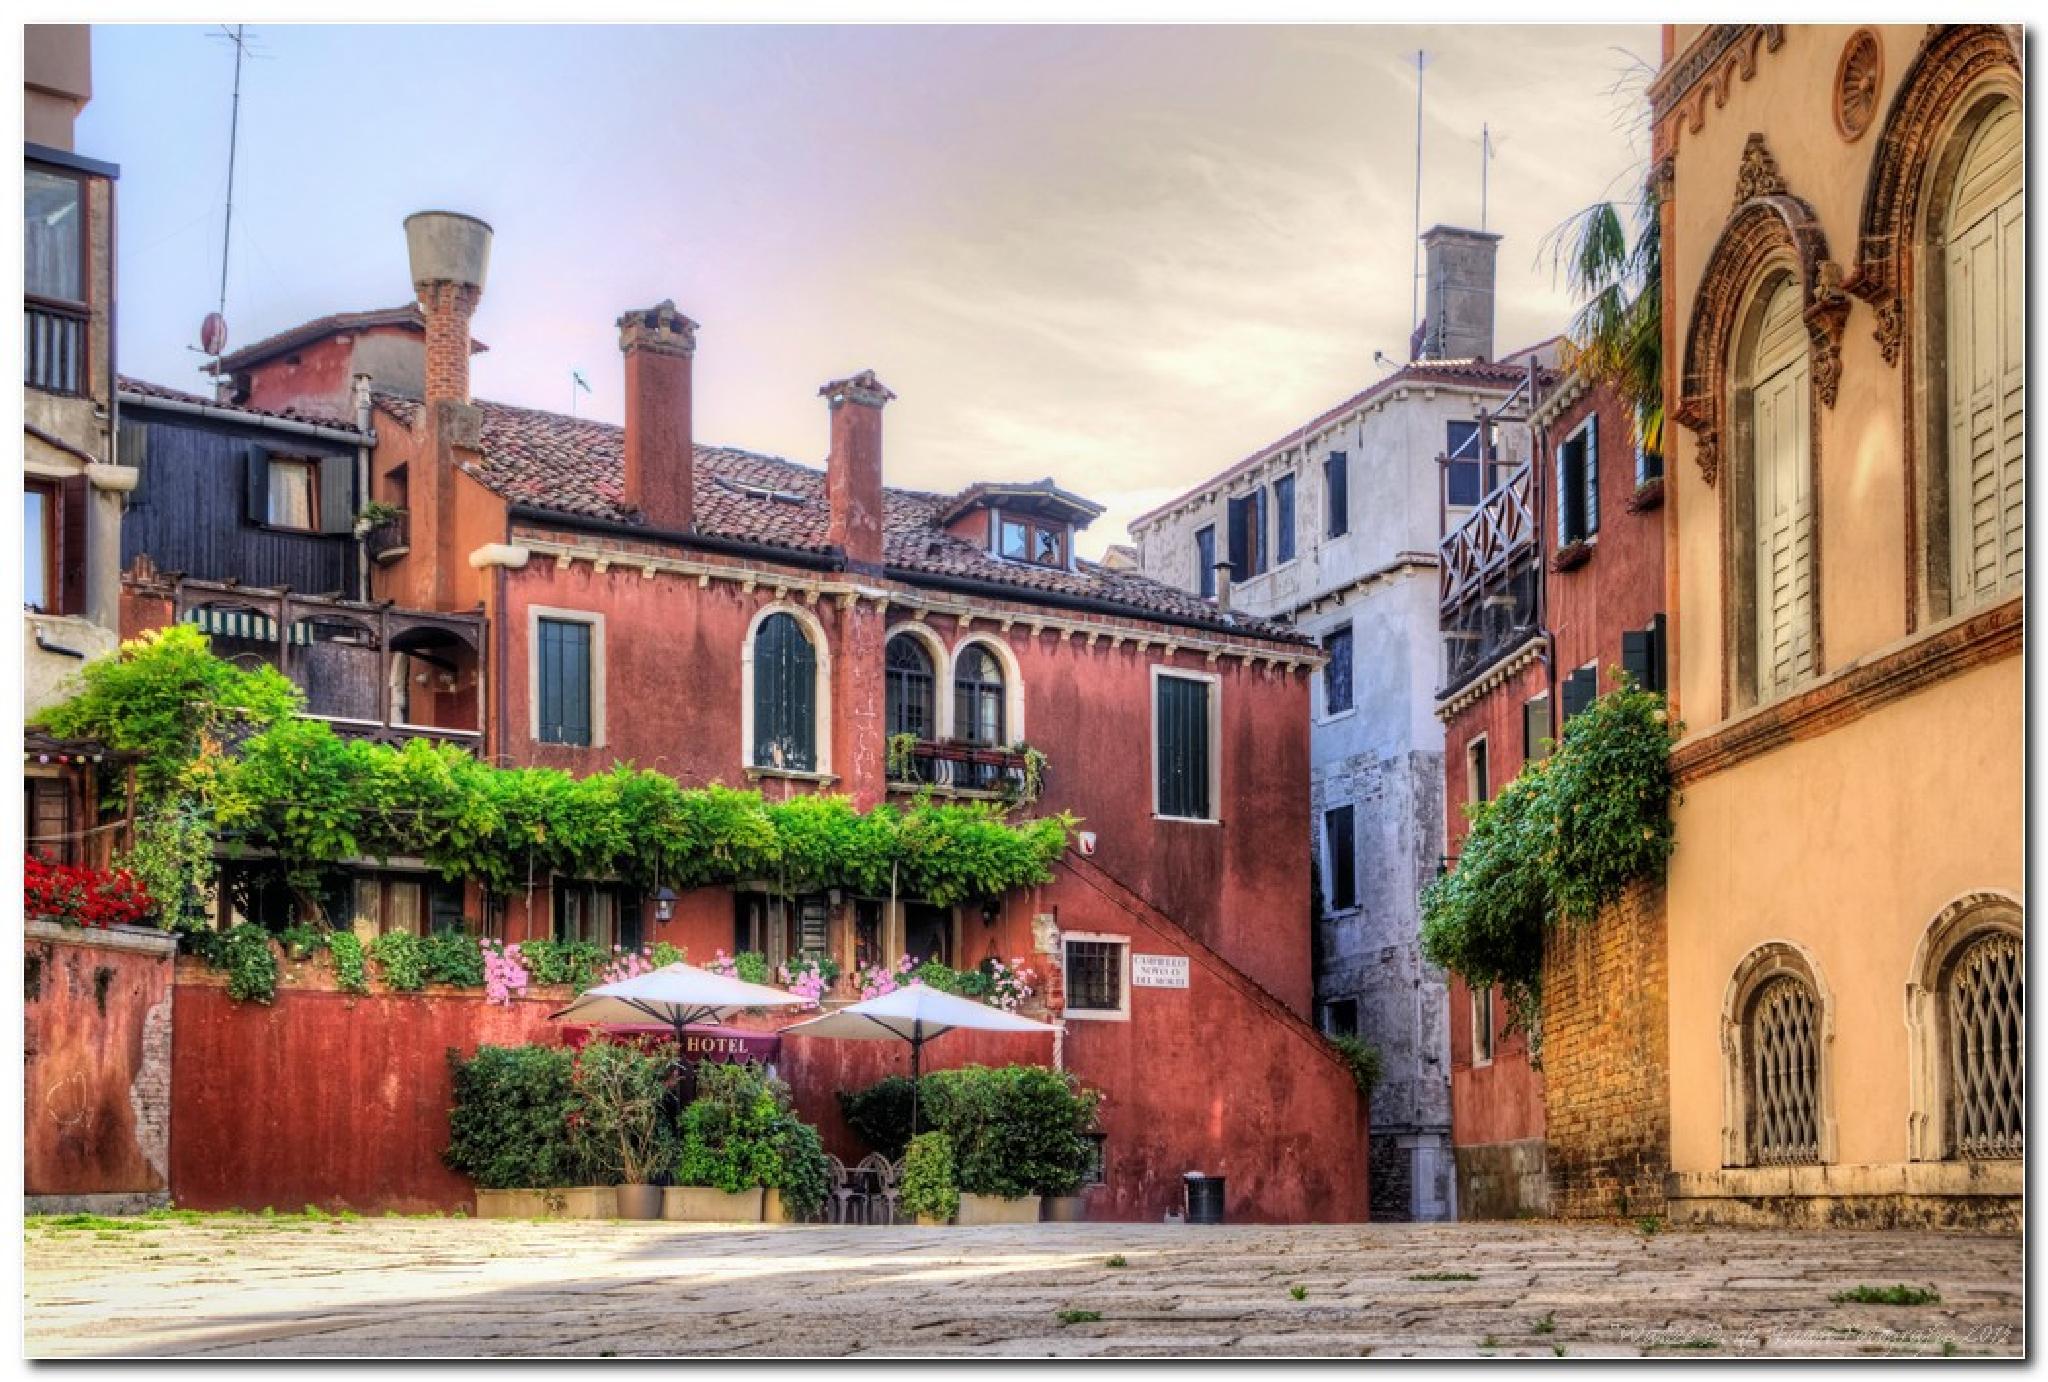 Venetië Italië  by Watze D. de Haan